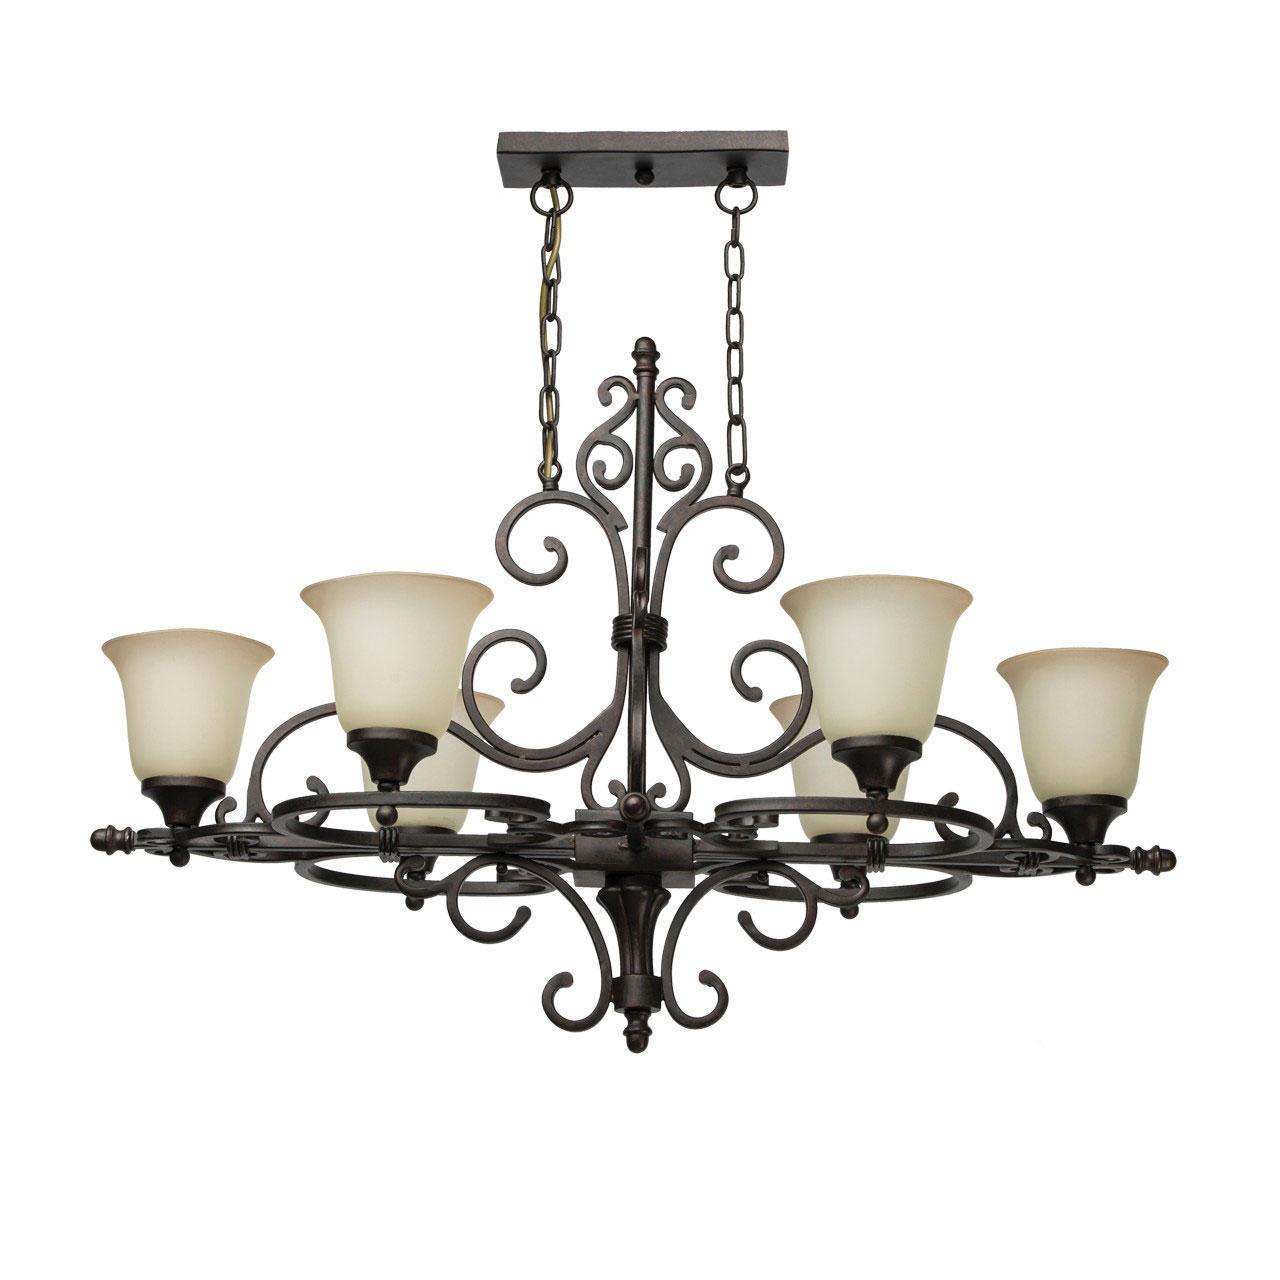 Люстра ChiaroЛюстры<br>Назначение светильника: для гостиной,<br>Стиль светильника: классика,<br>Тип: подвесная,<br>Материал плафона: стекло,<br>Материал арматуры: металл,<br>Длина (мм): 920,<br>Ширина: 550,<br>Высота: 2050,<br>Количество ламп: 6,<br>Тип лампы: накаливания,<br>Мощность: 60,<br>Патрон: Е27,<br>Цвет арматуры: черный,<br>Коллекция: Версаче<br>